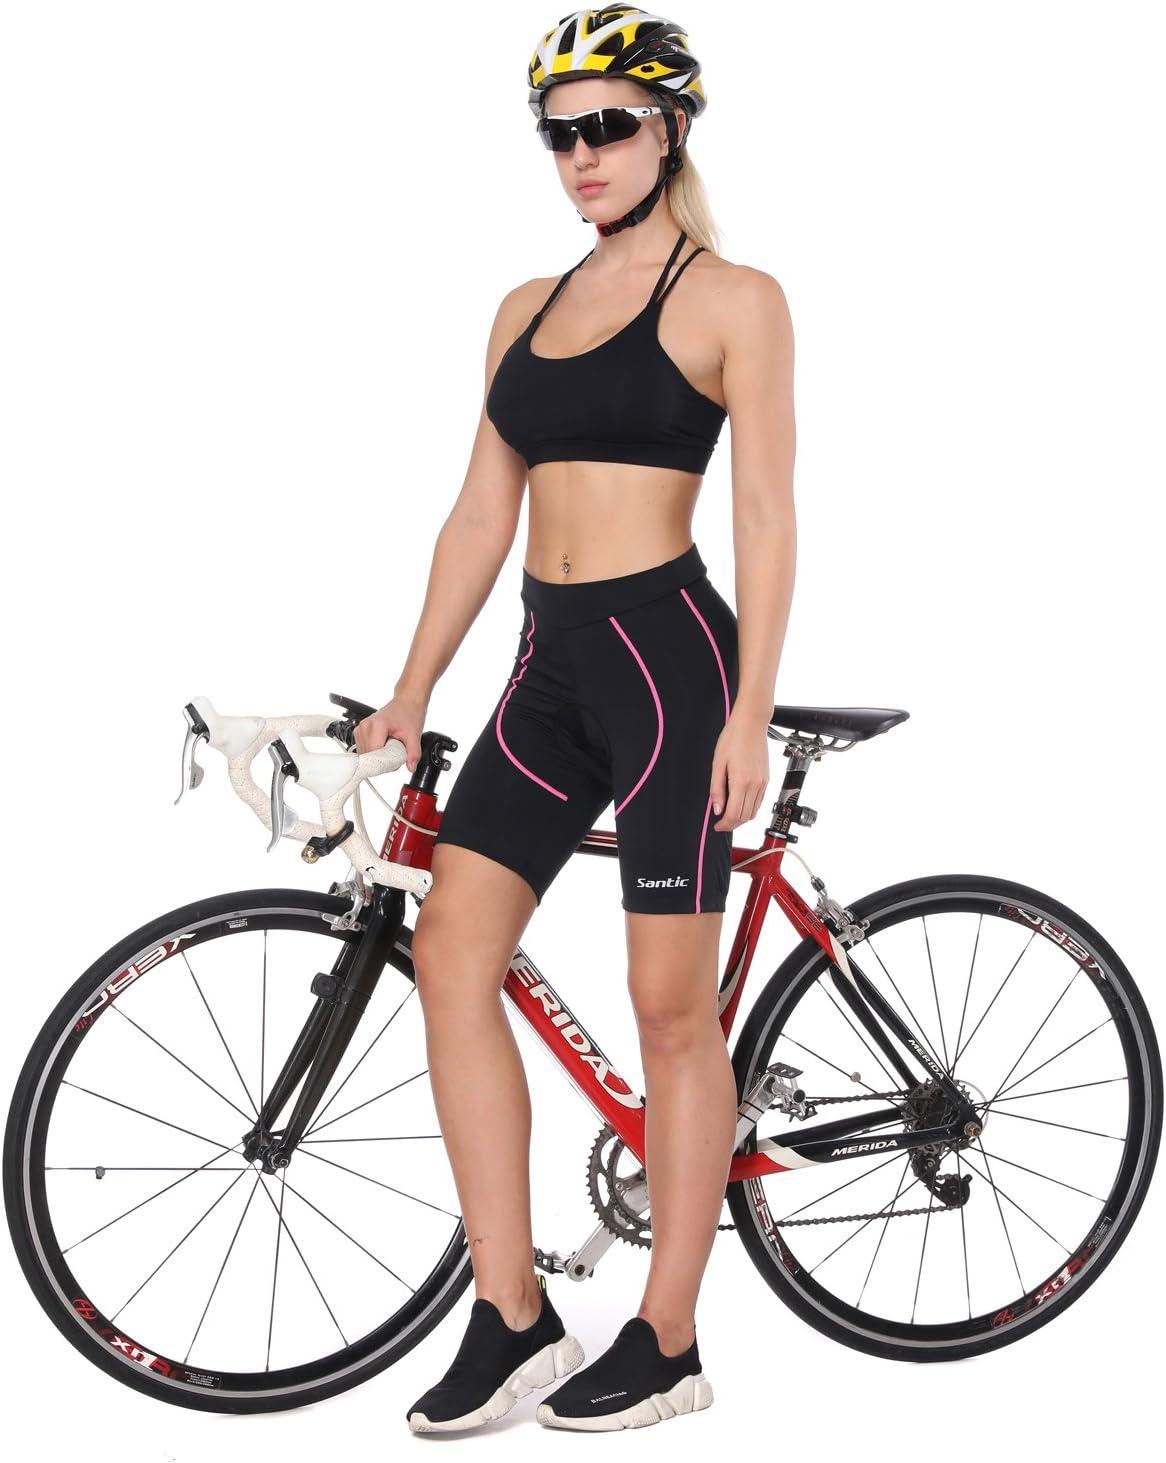 Santic Cuissard Cycliste Femme Rembourr/é Cuissard Cyclisme Cuissard Velo Short Cycliste